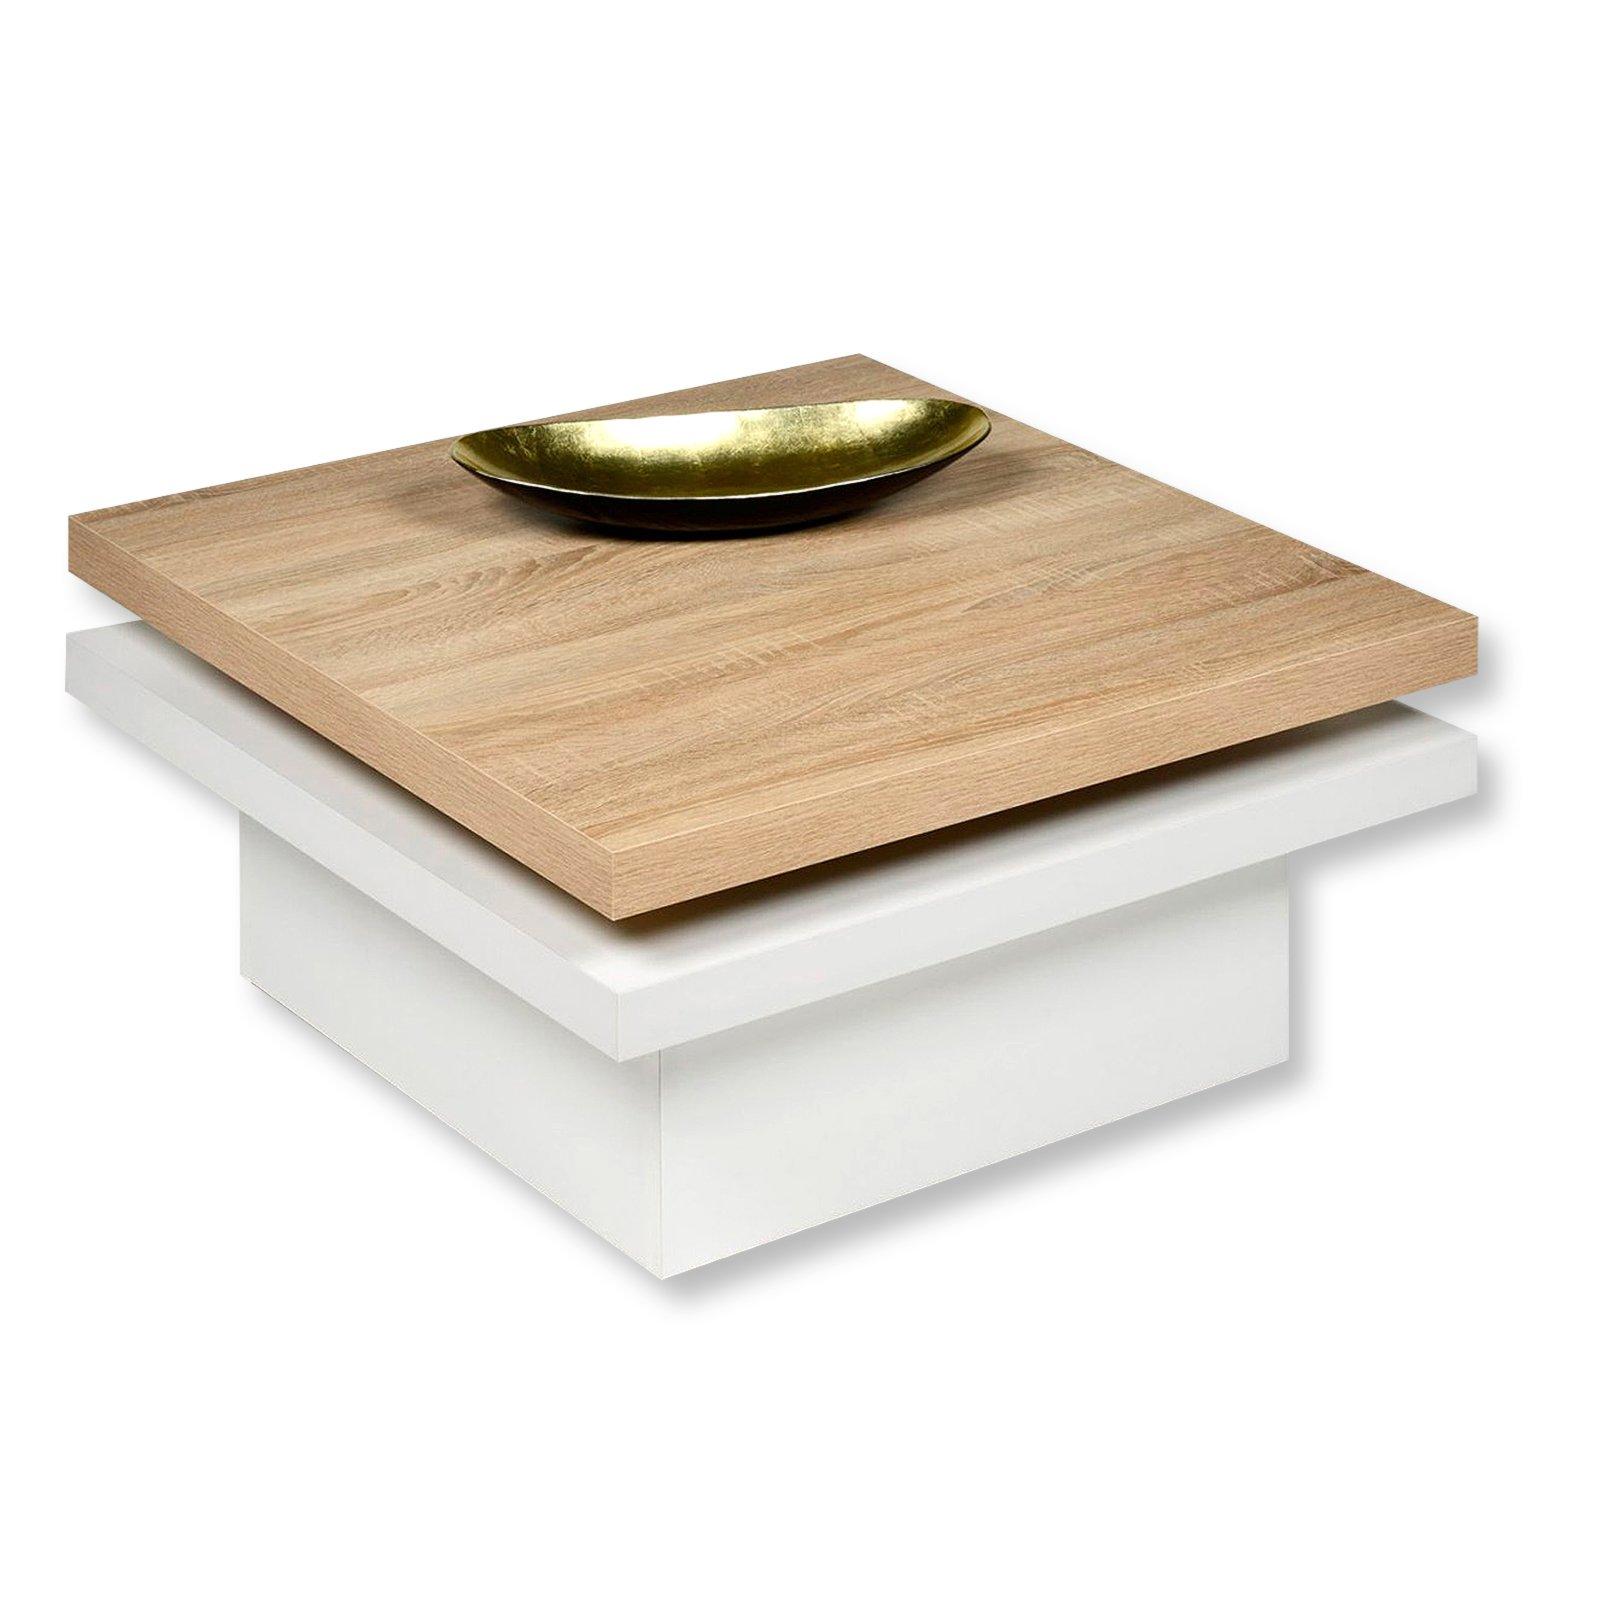 couchtisch tango - drehbare platte - quadratisch | couchtische, Gestaltungsideen